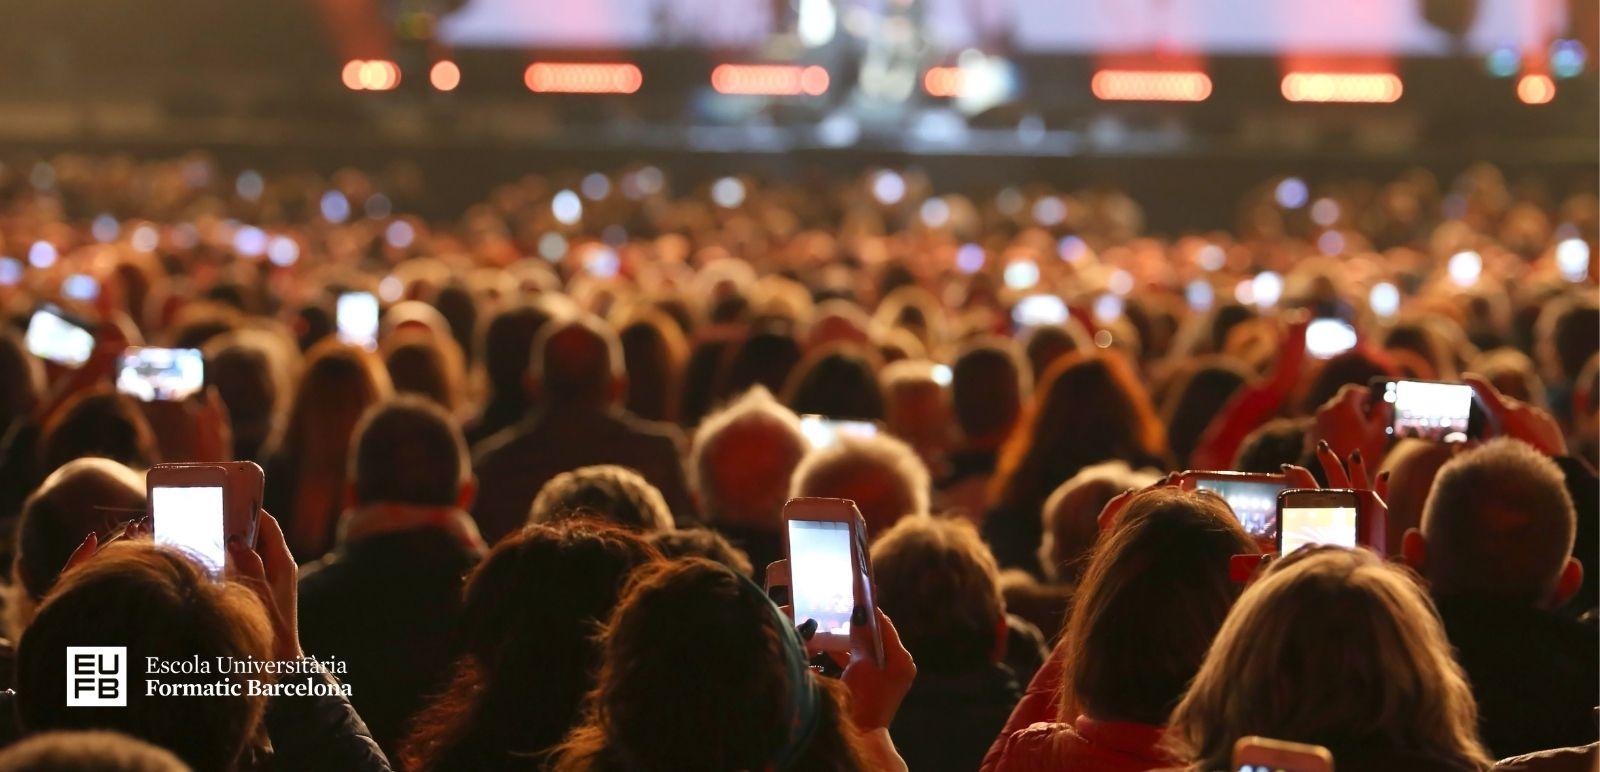 Canvi de tendencia en la gestió d'esdeveniments durant aquest 2021 | Escola Universitària Formatic Barcelona